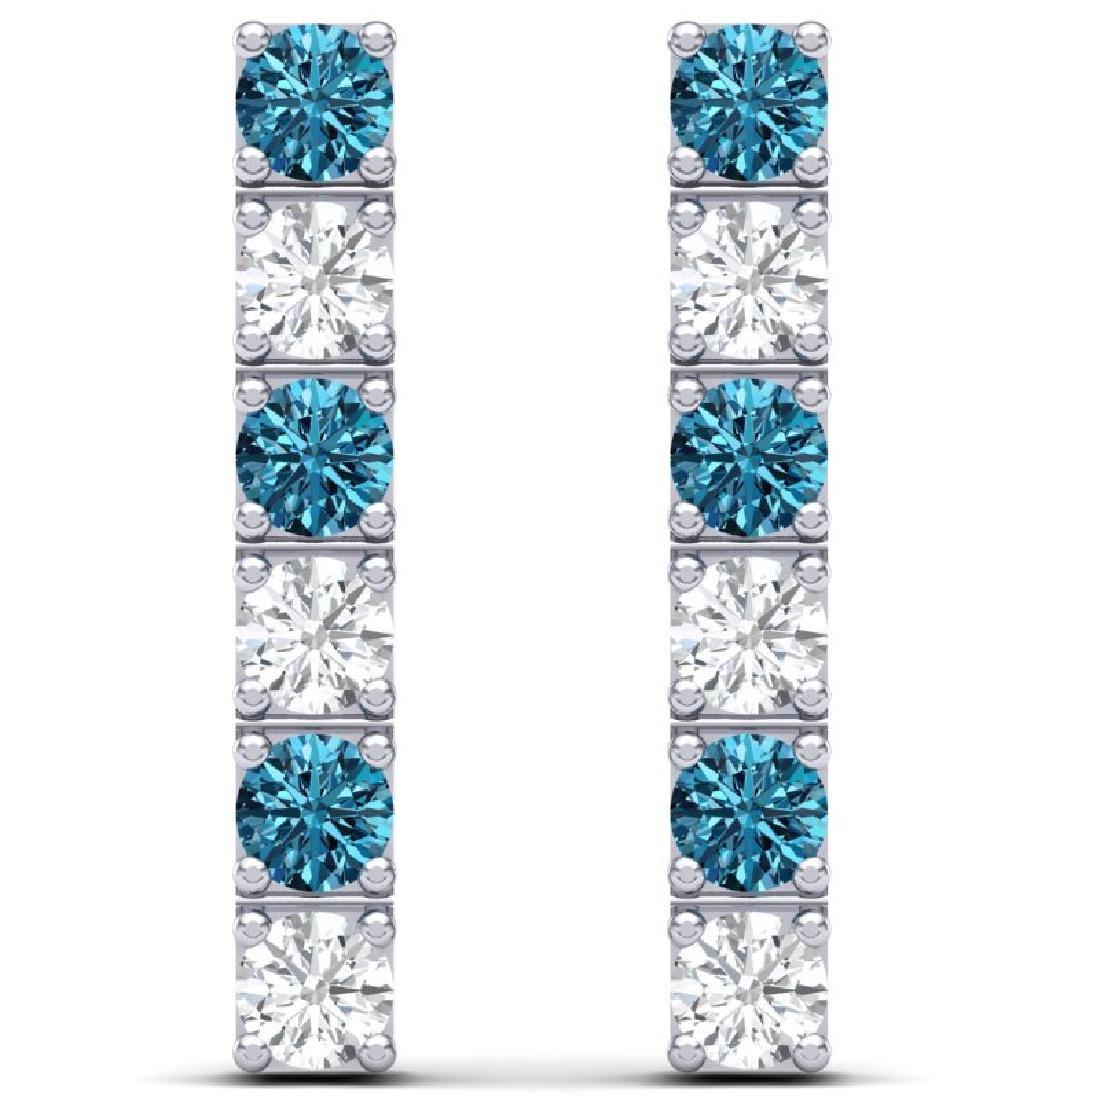 6 CTW SI/I Intense Blue & White Diamond Earrings 18K - 2